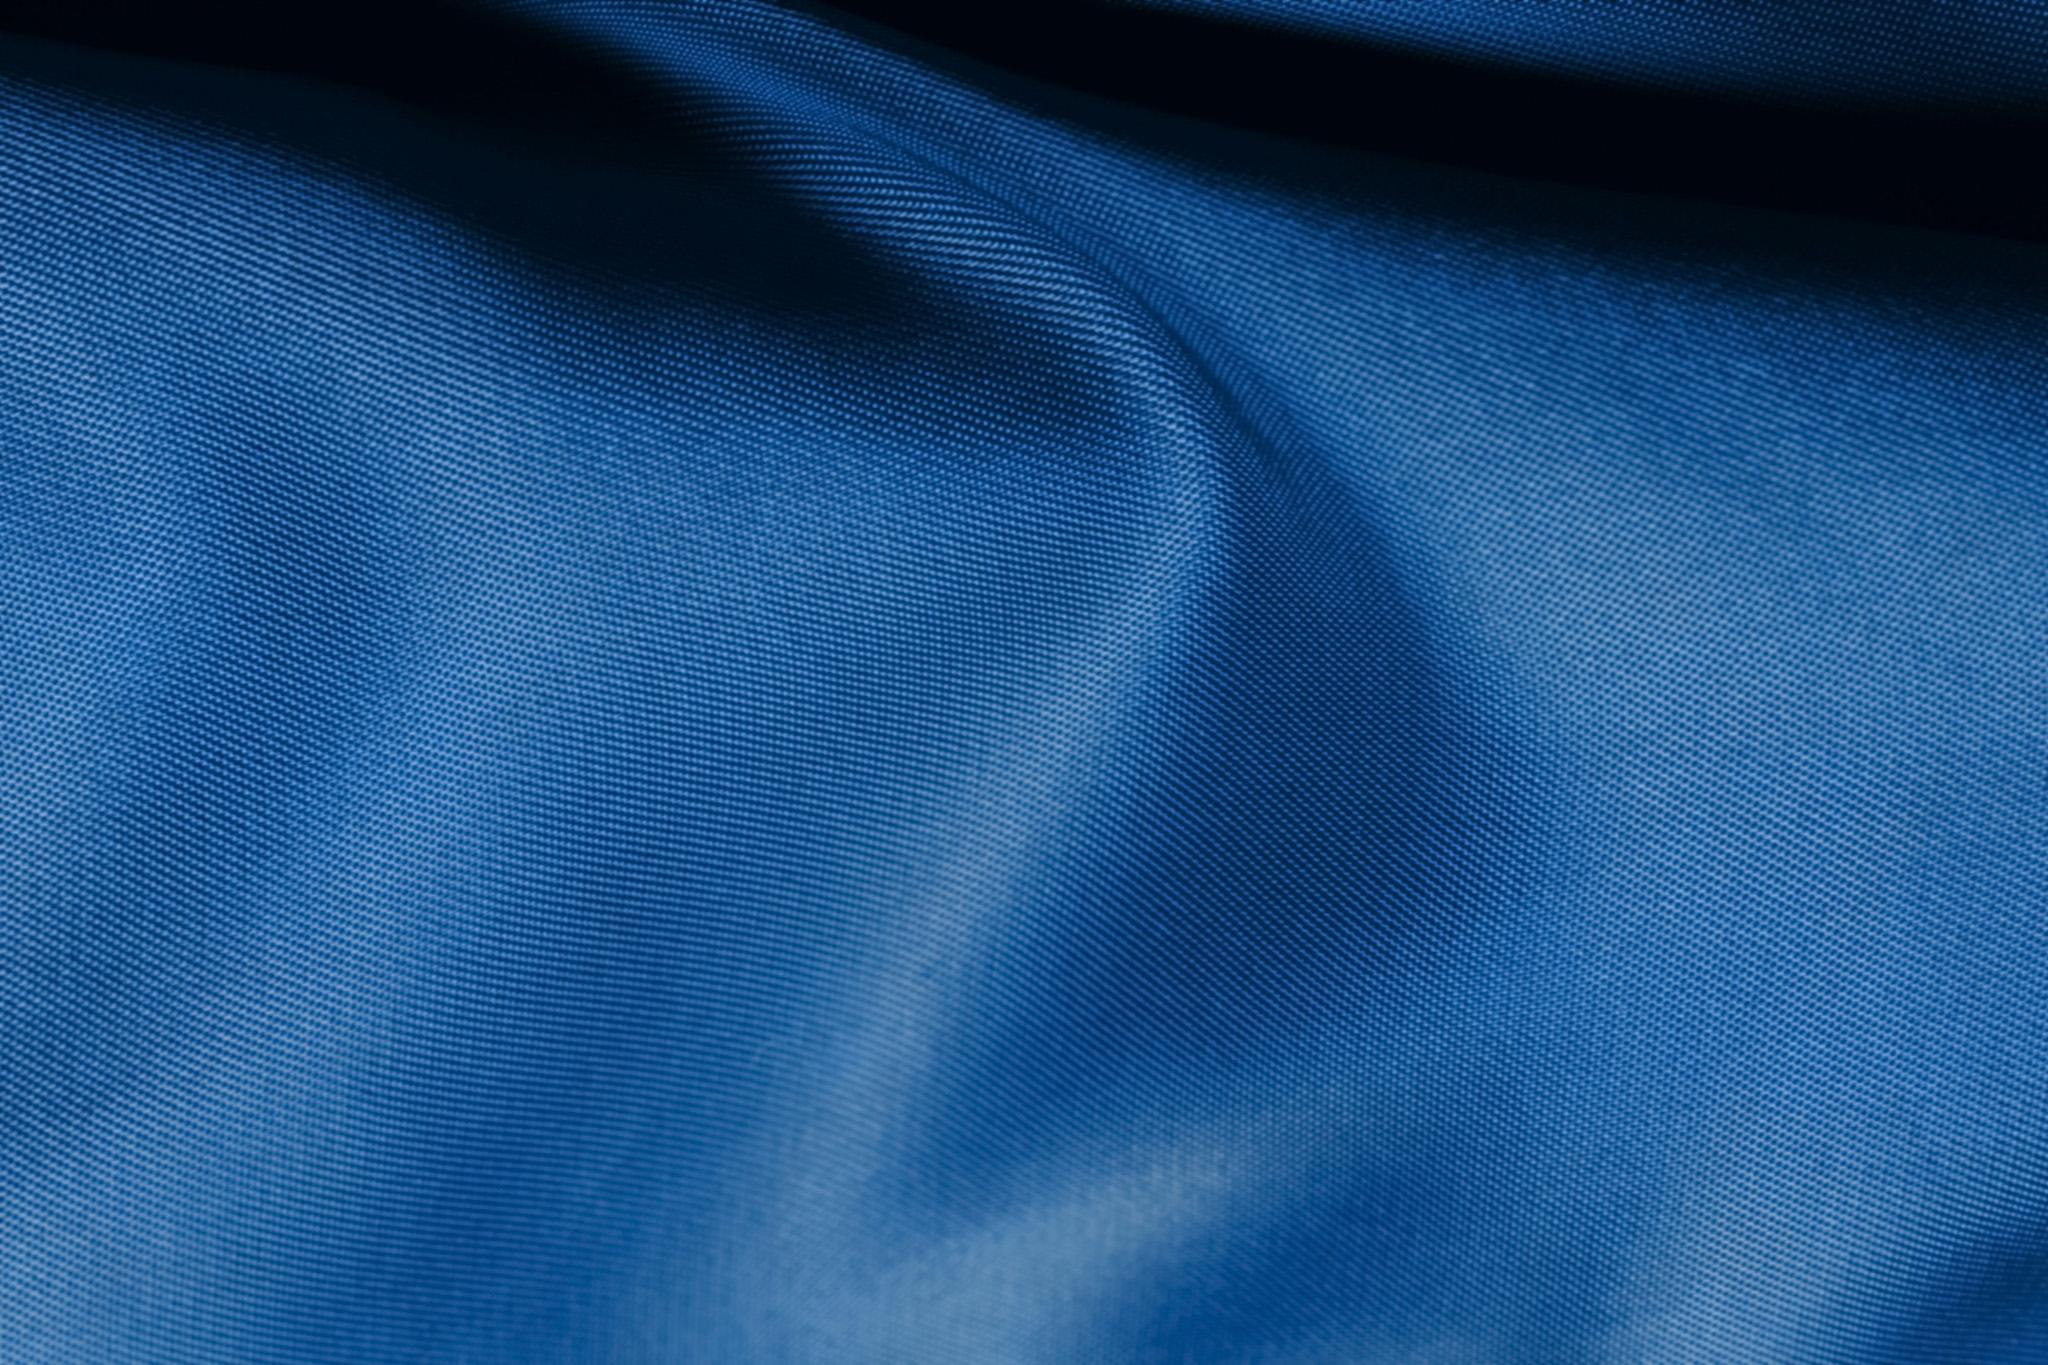 「川の流れの様な青い布」